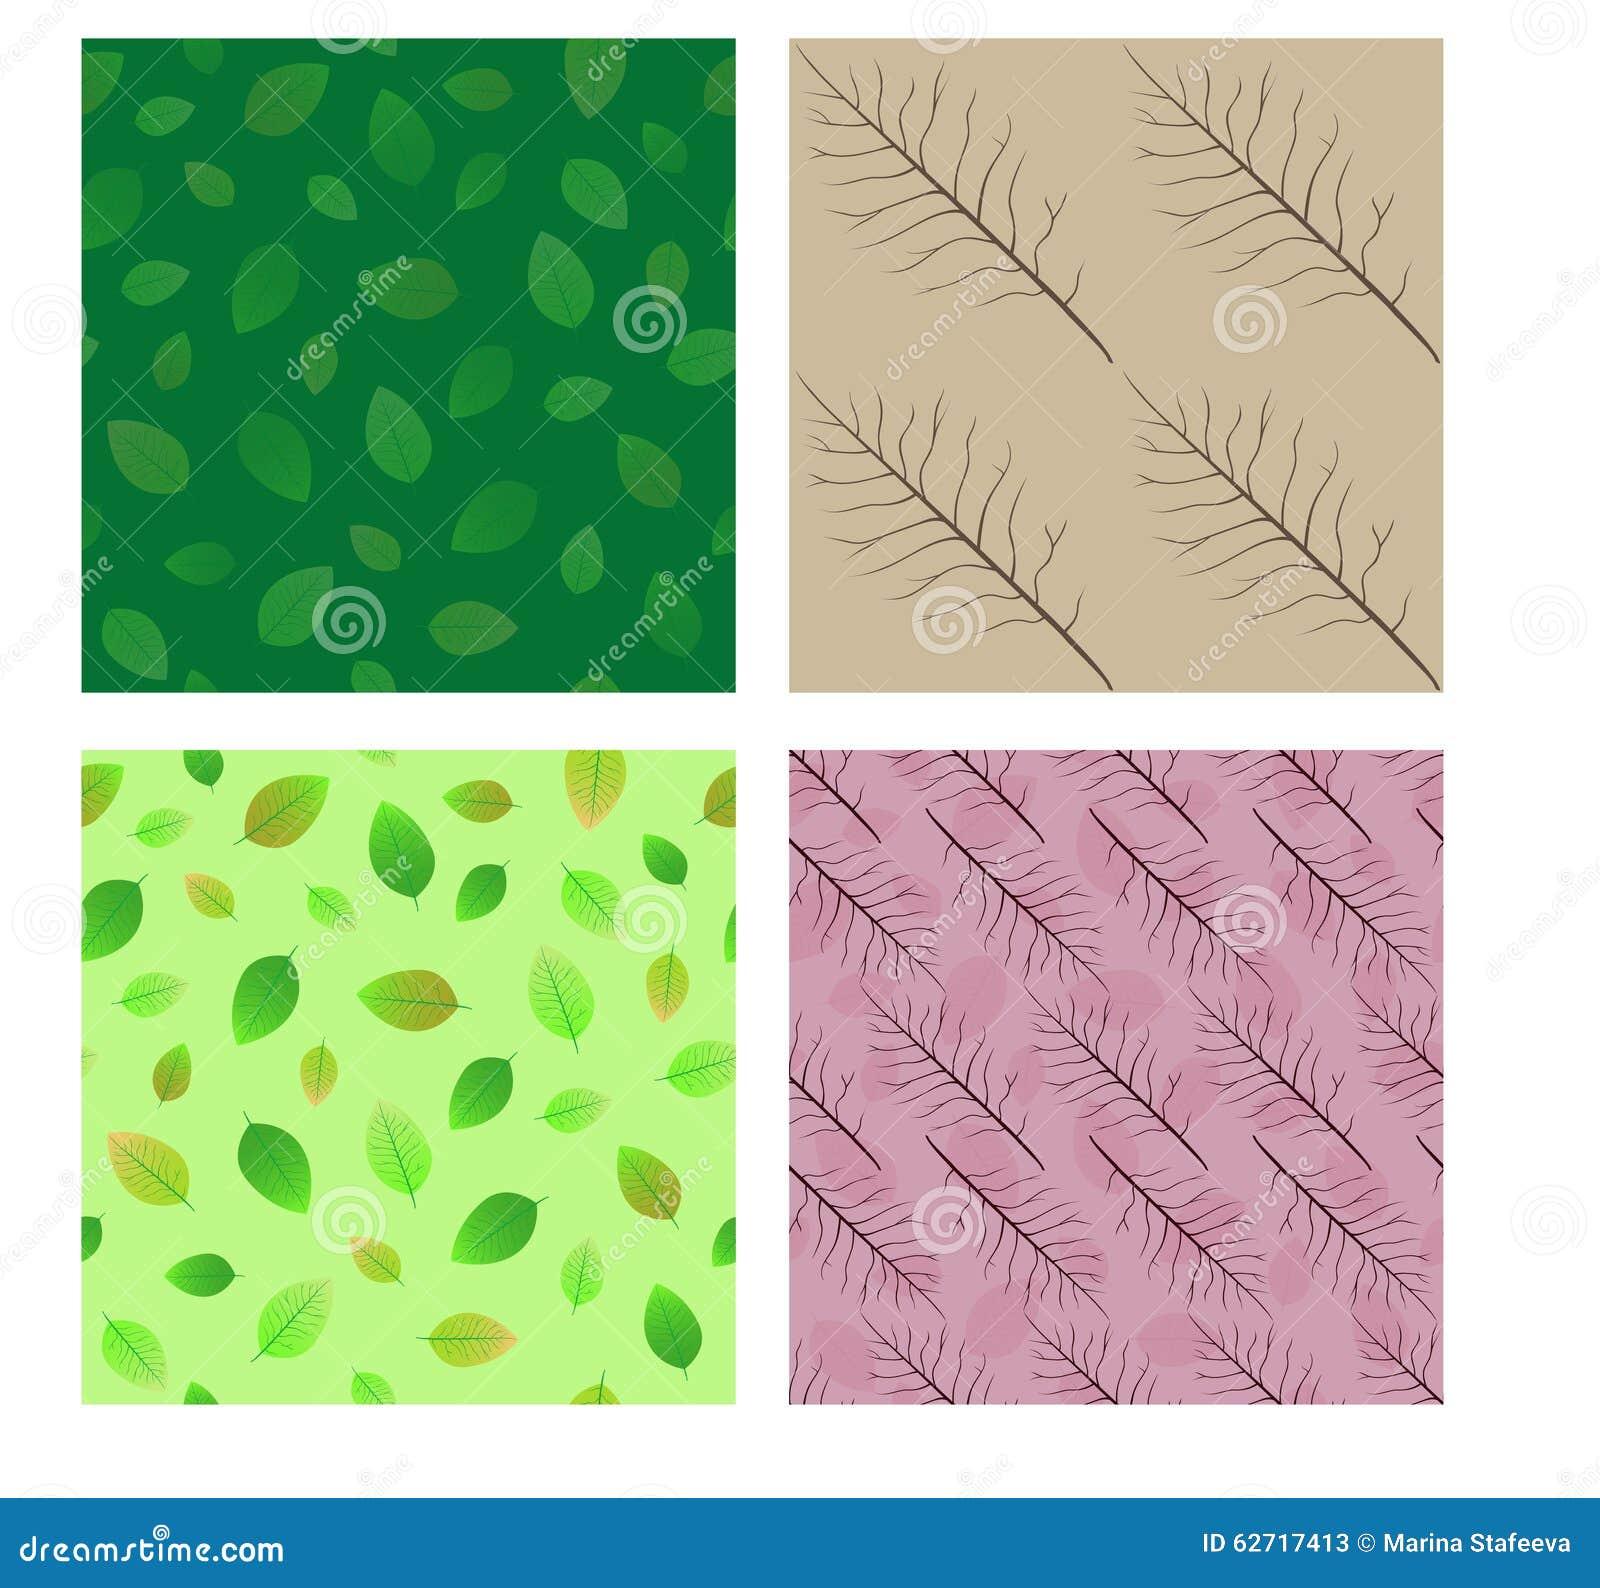 Seamless patterns. Set.